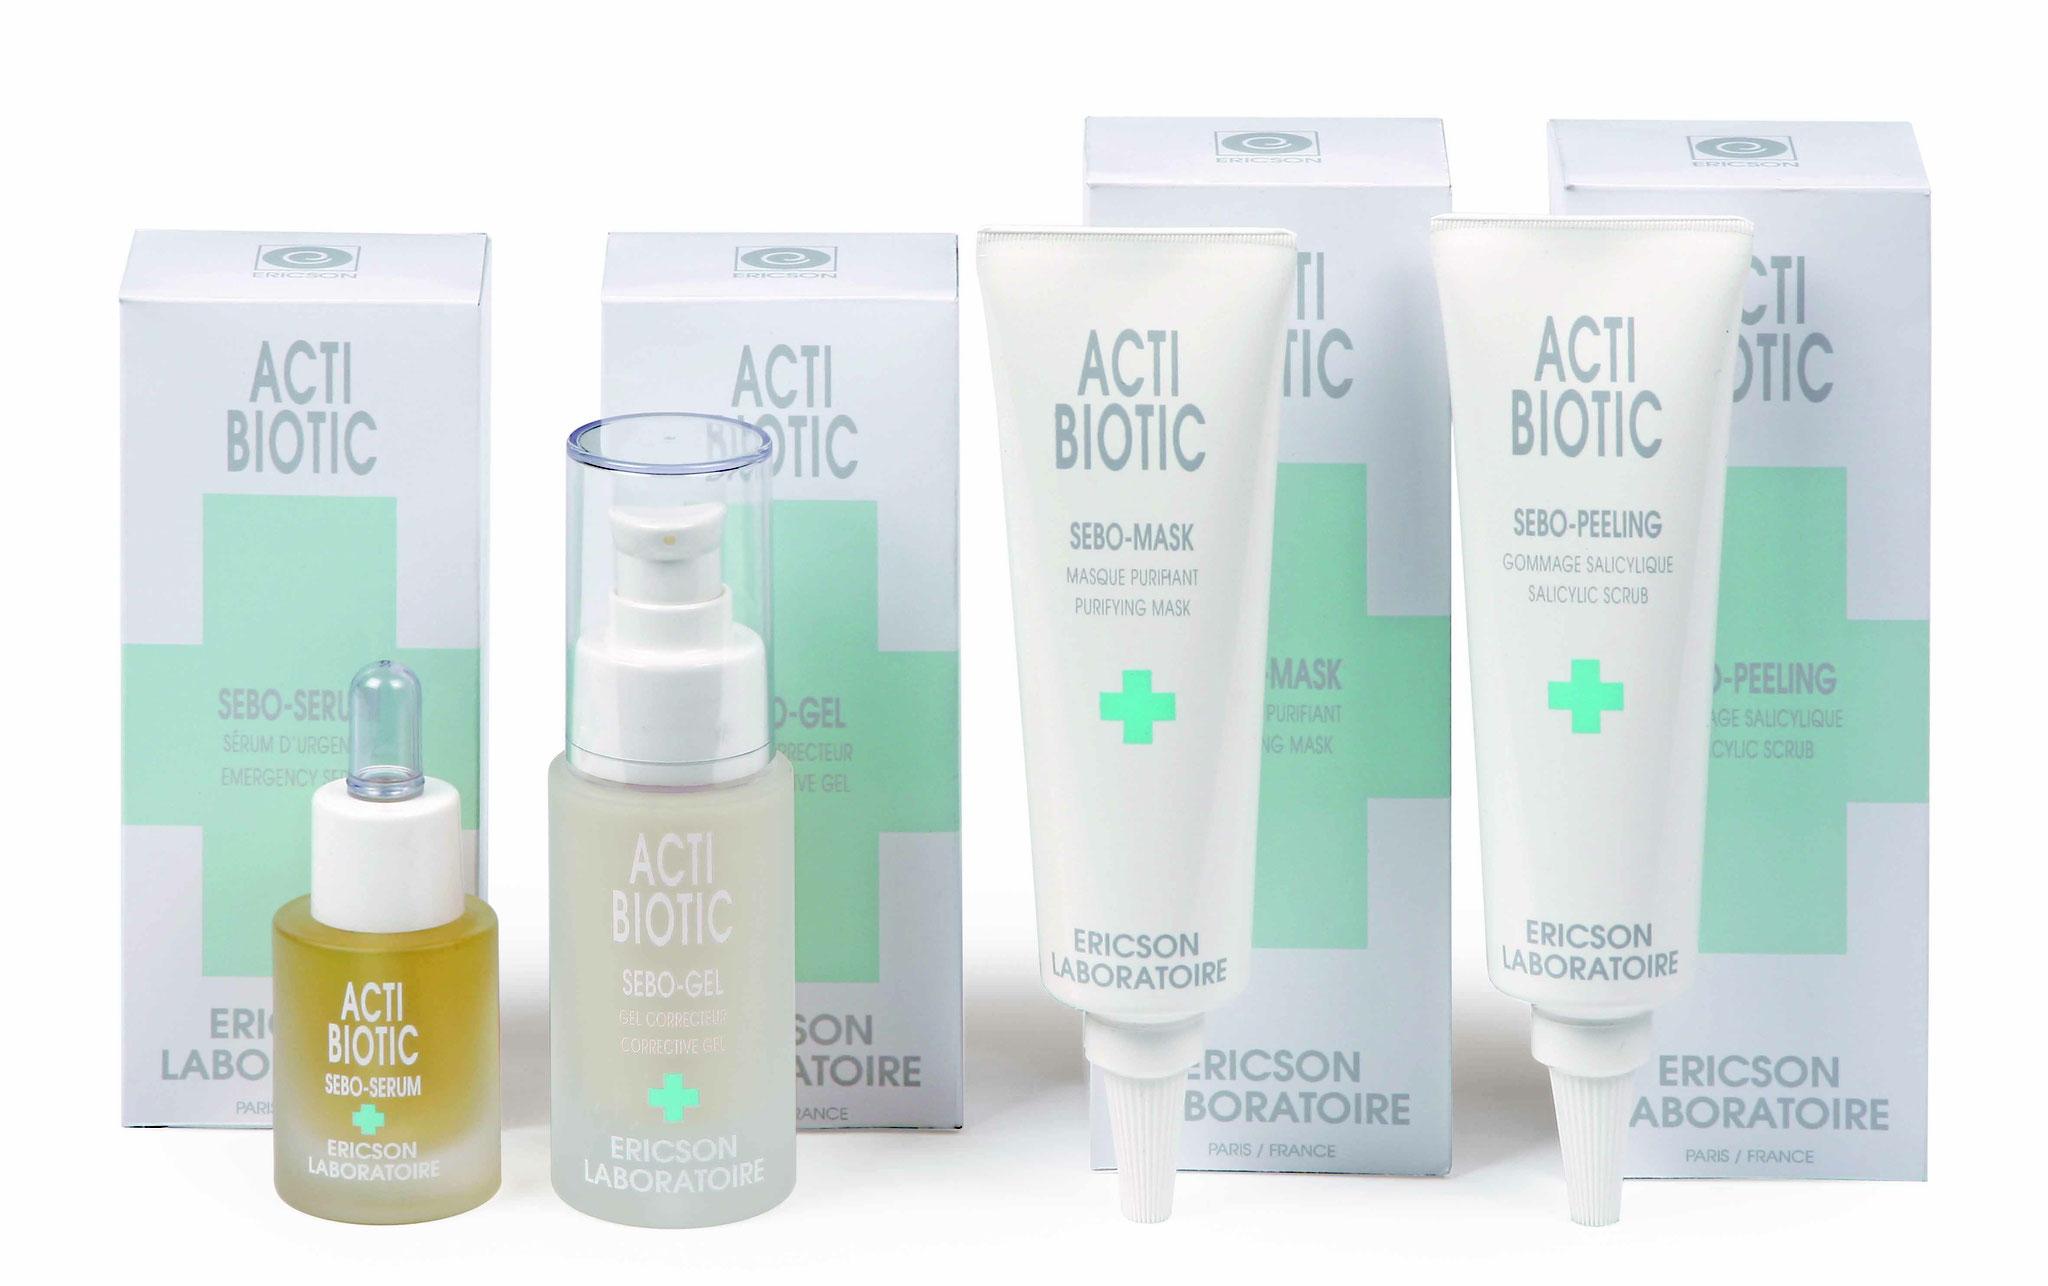 Ericson Laboratoire Acti Biotic